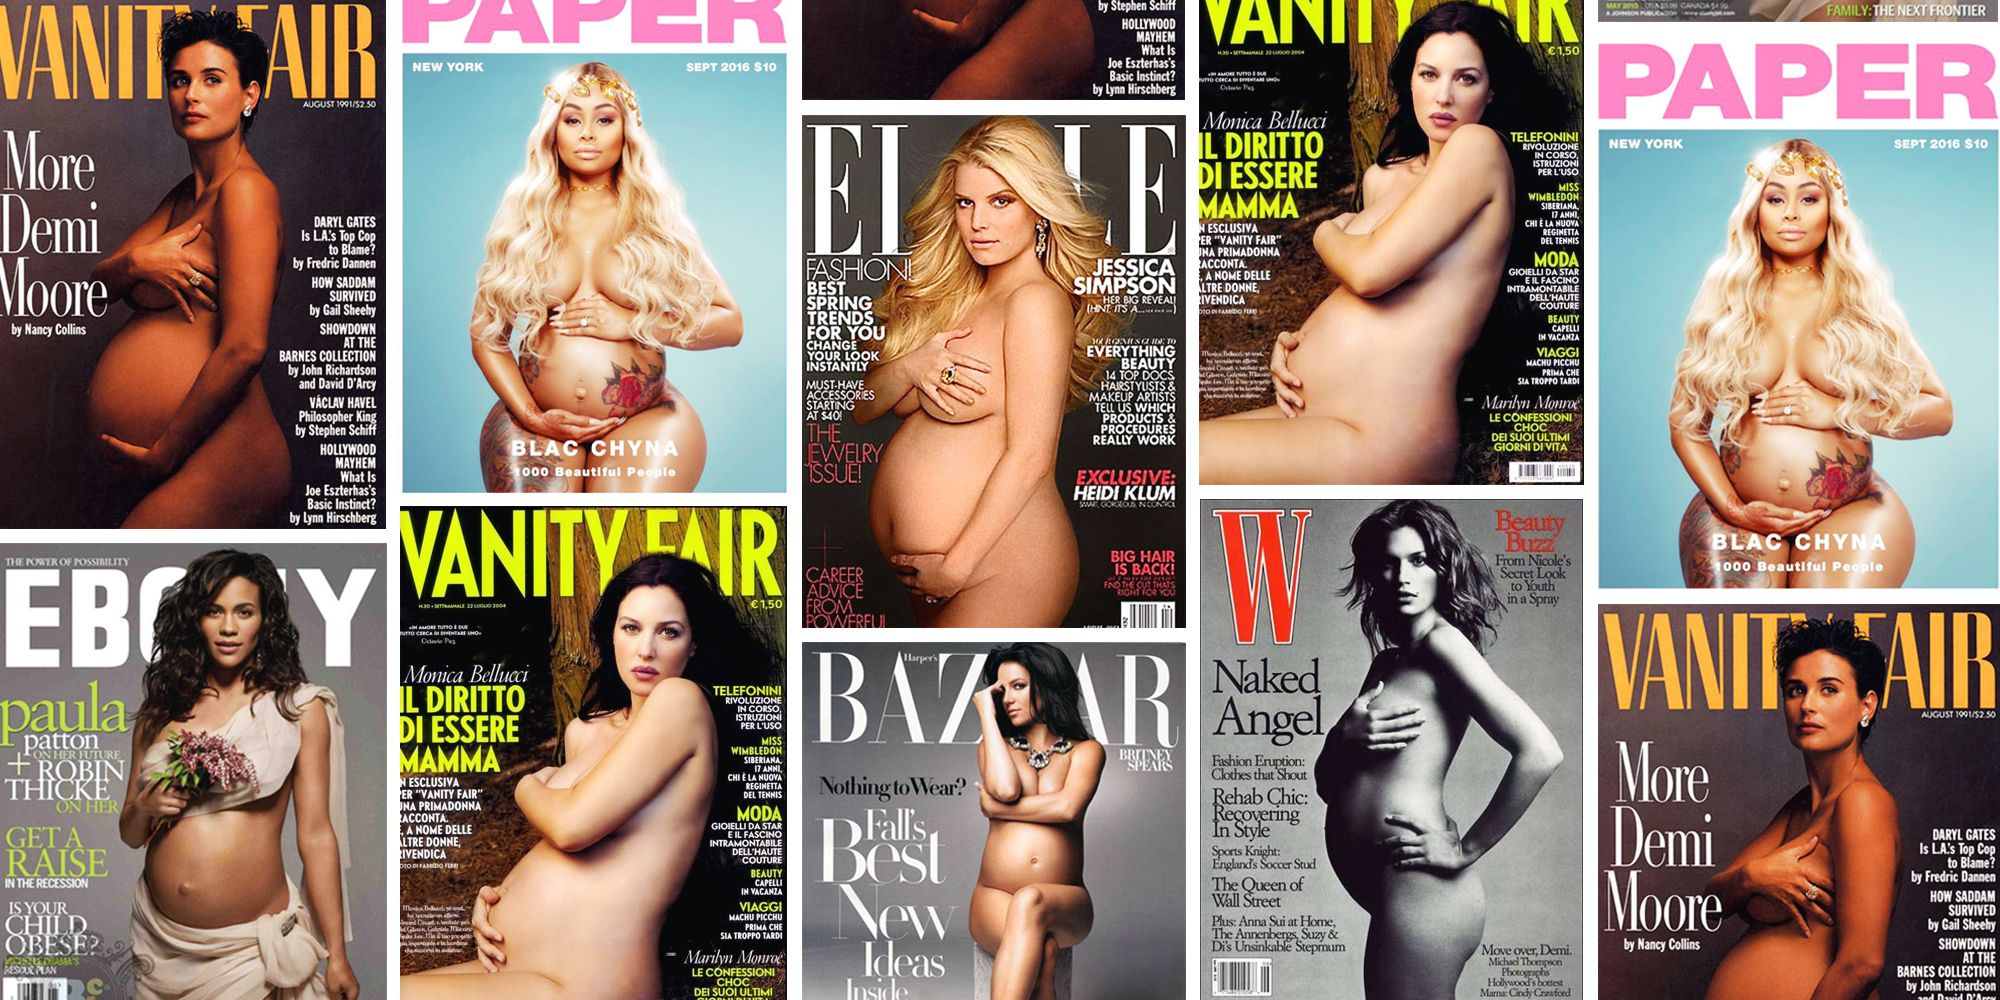 britney harper magazine nude photo spear